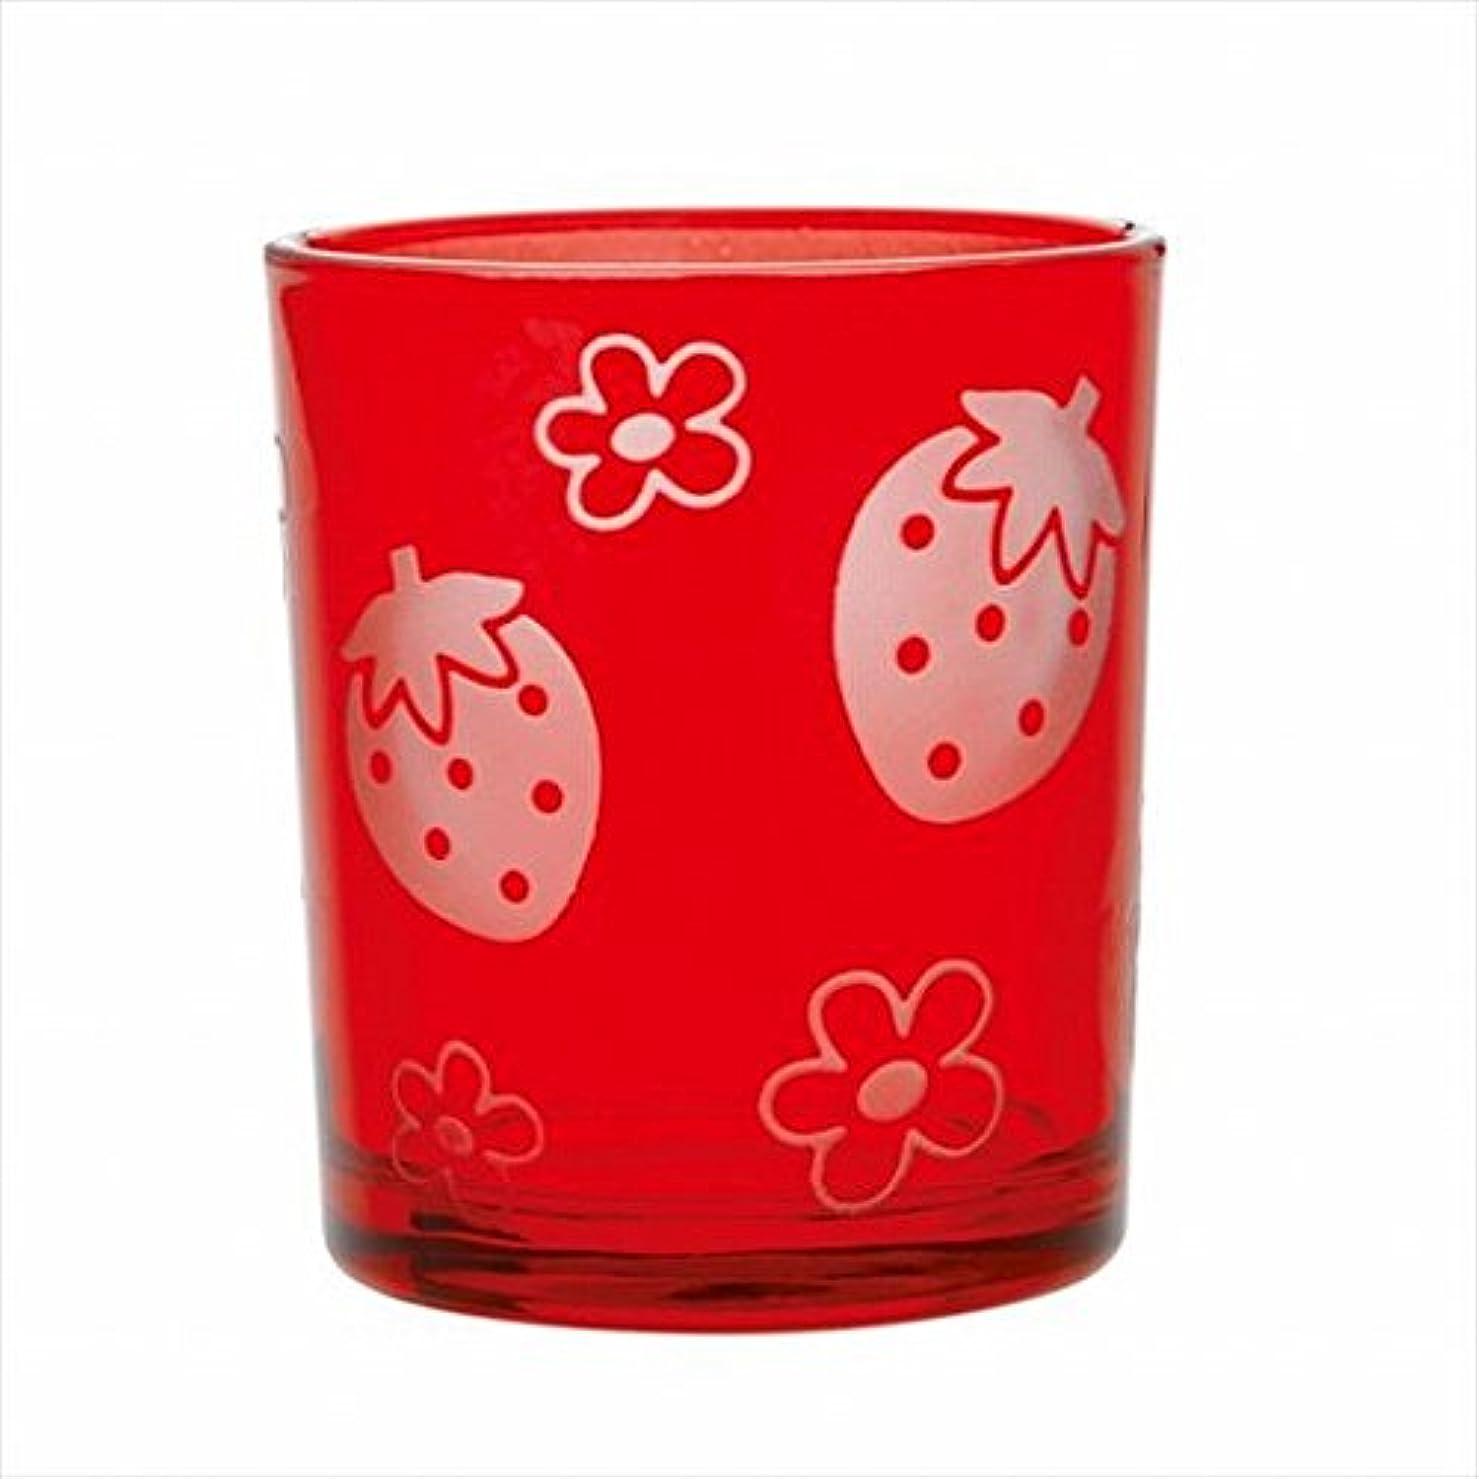 スイーツキャンドル(sweets candle) いちごフロストカップ 「 レッド 」